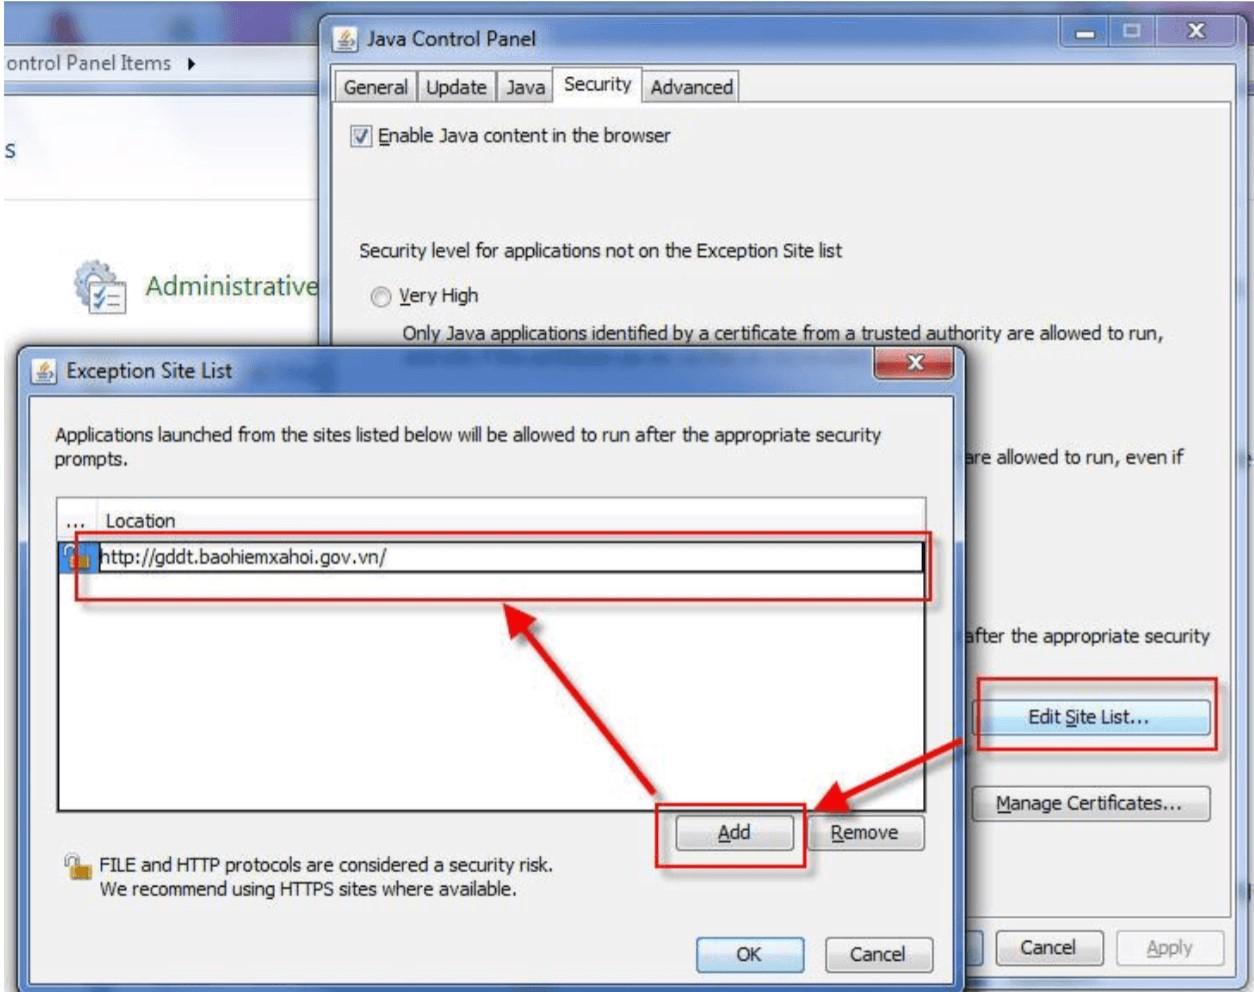 Hướng dẫn cài đặt cấu hình phần mềm Java